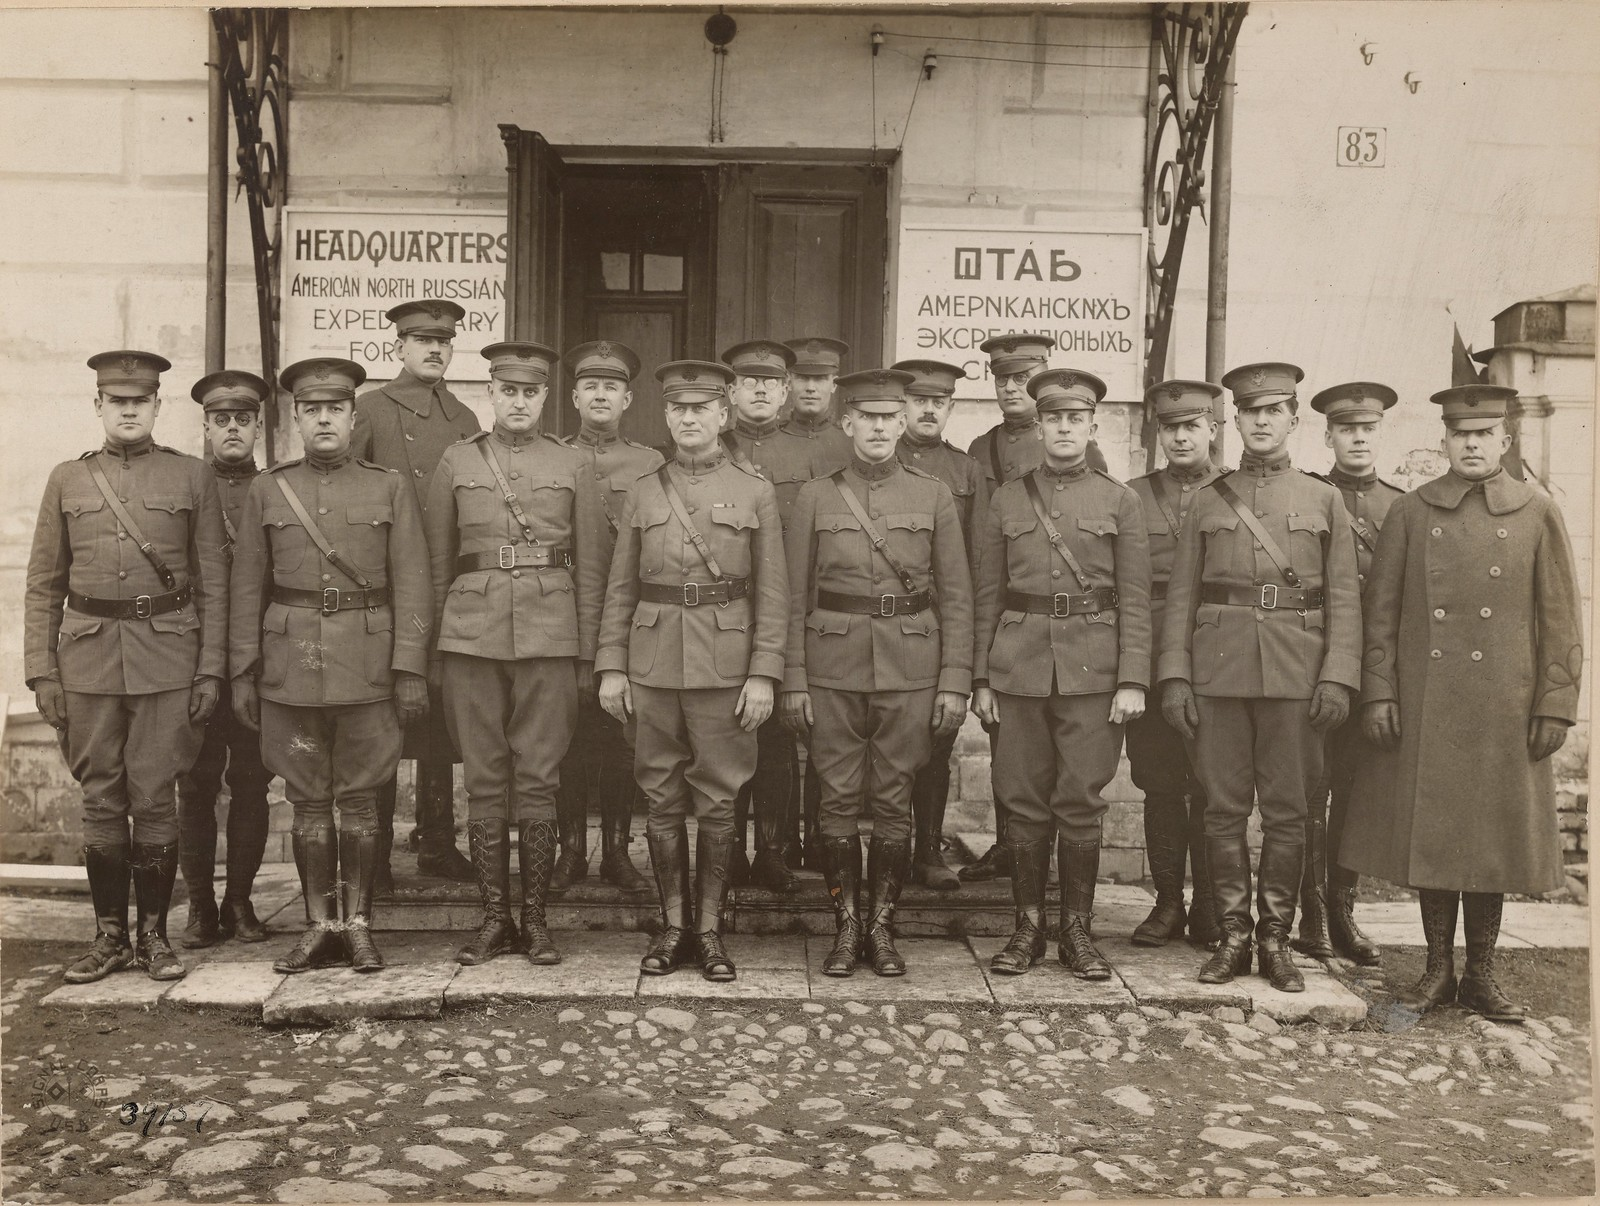 13. Бакарица. Офицеры 339 пехотного полка перед штабом американских экспедиционных сил